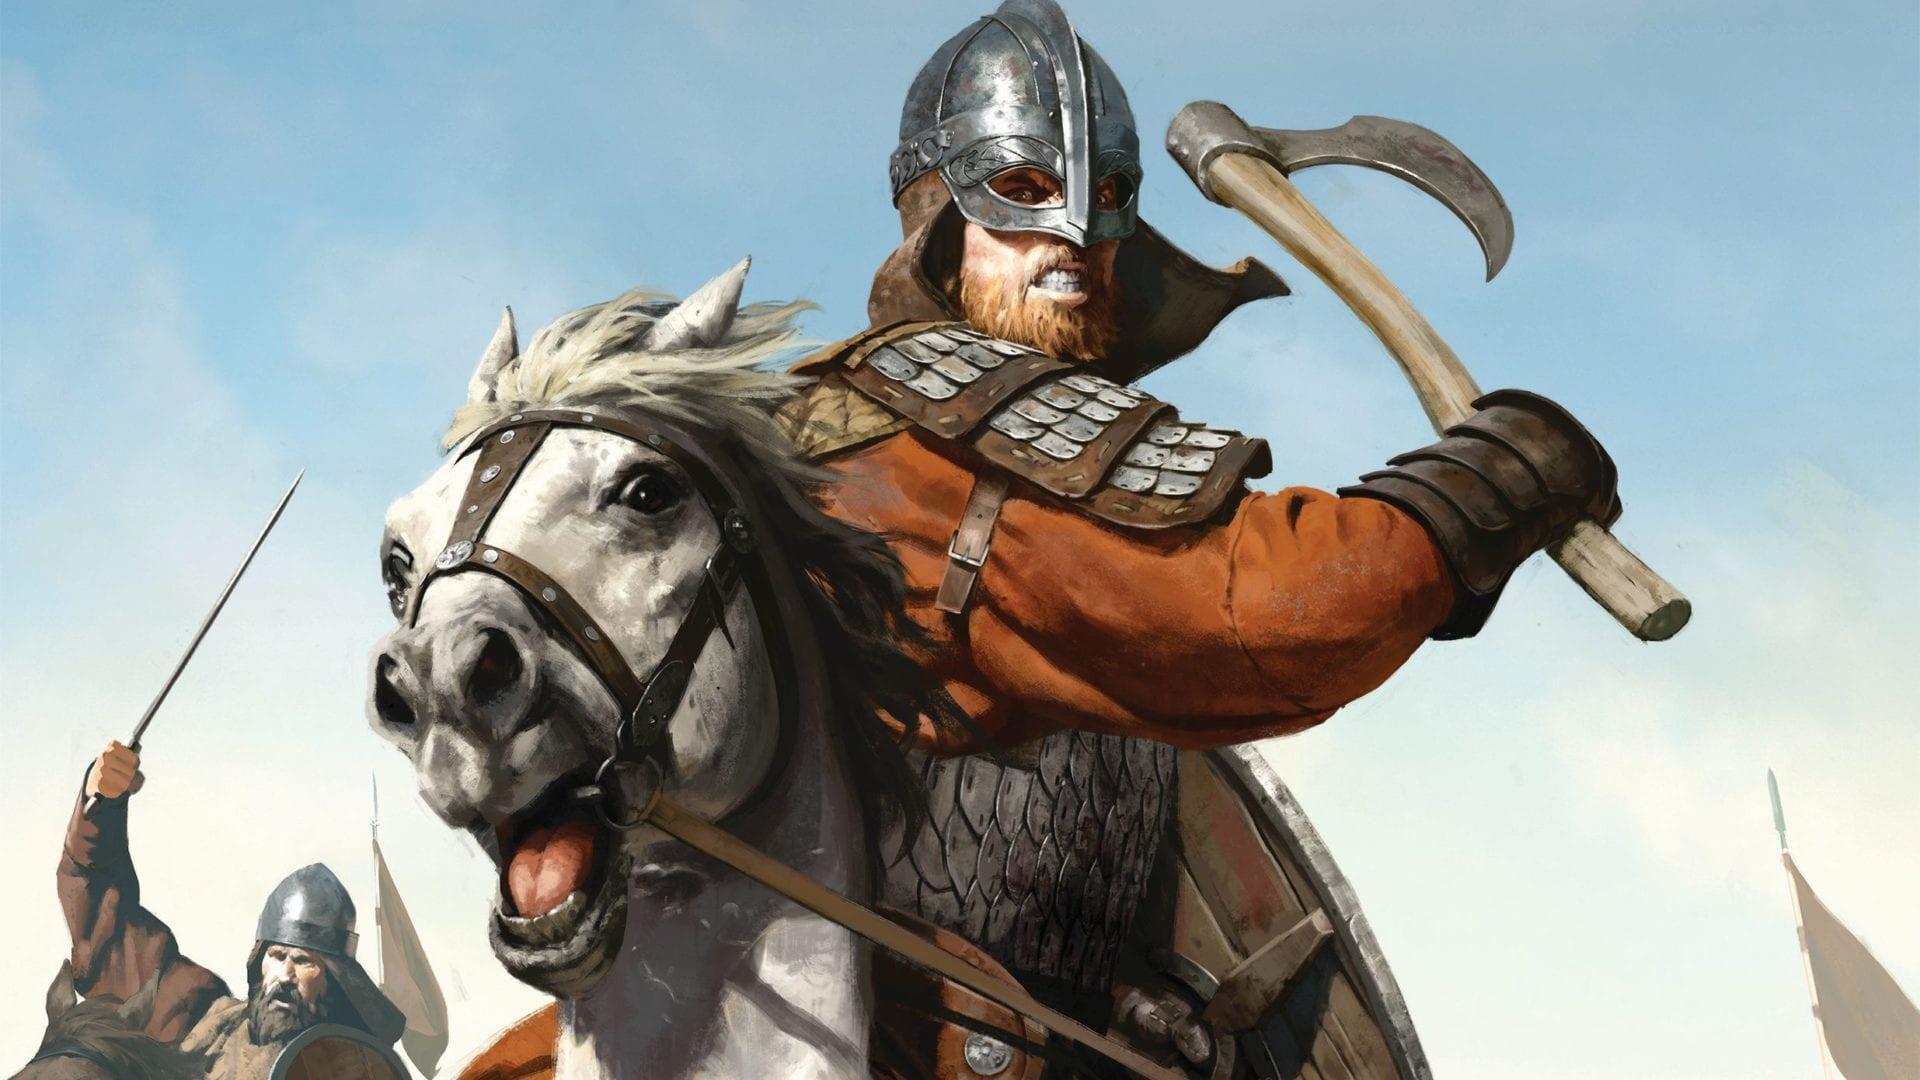 mount & blade 2, bannerlord, settlement